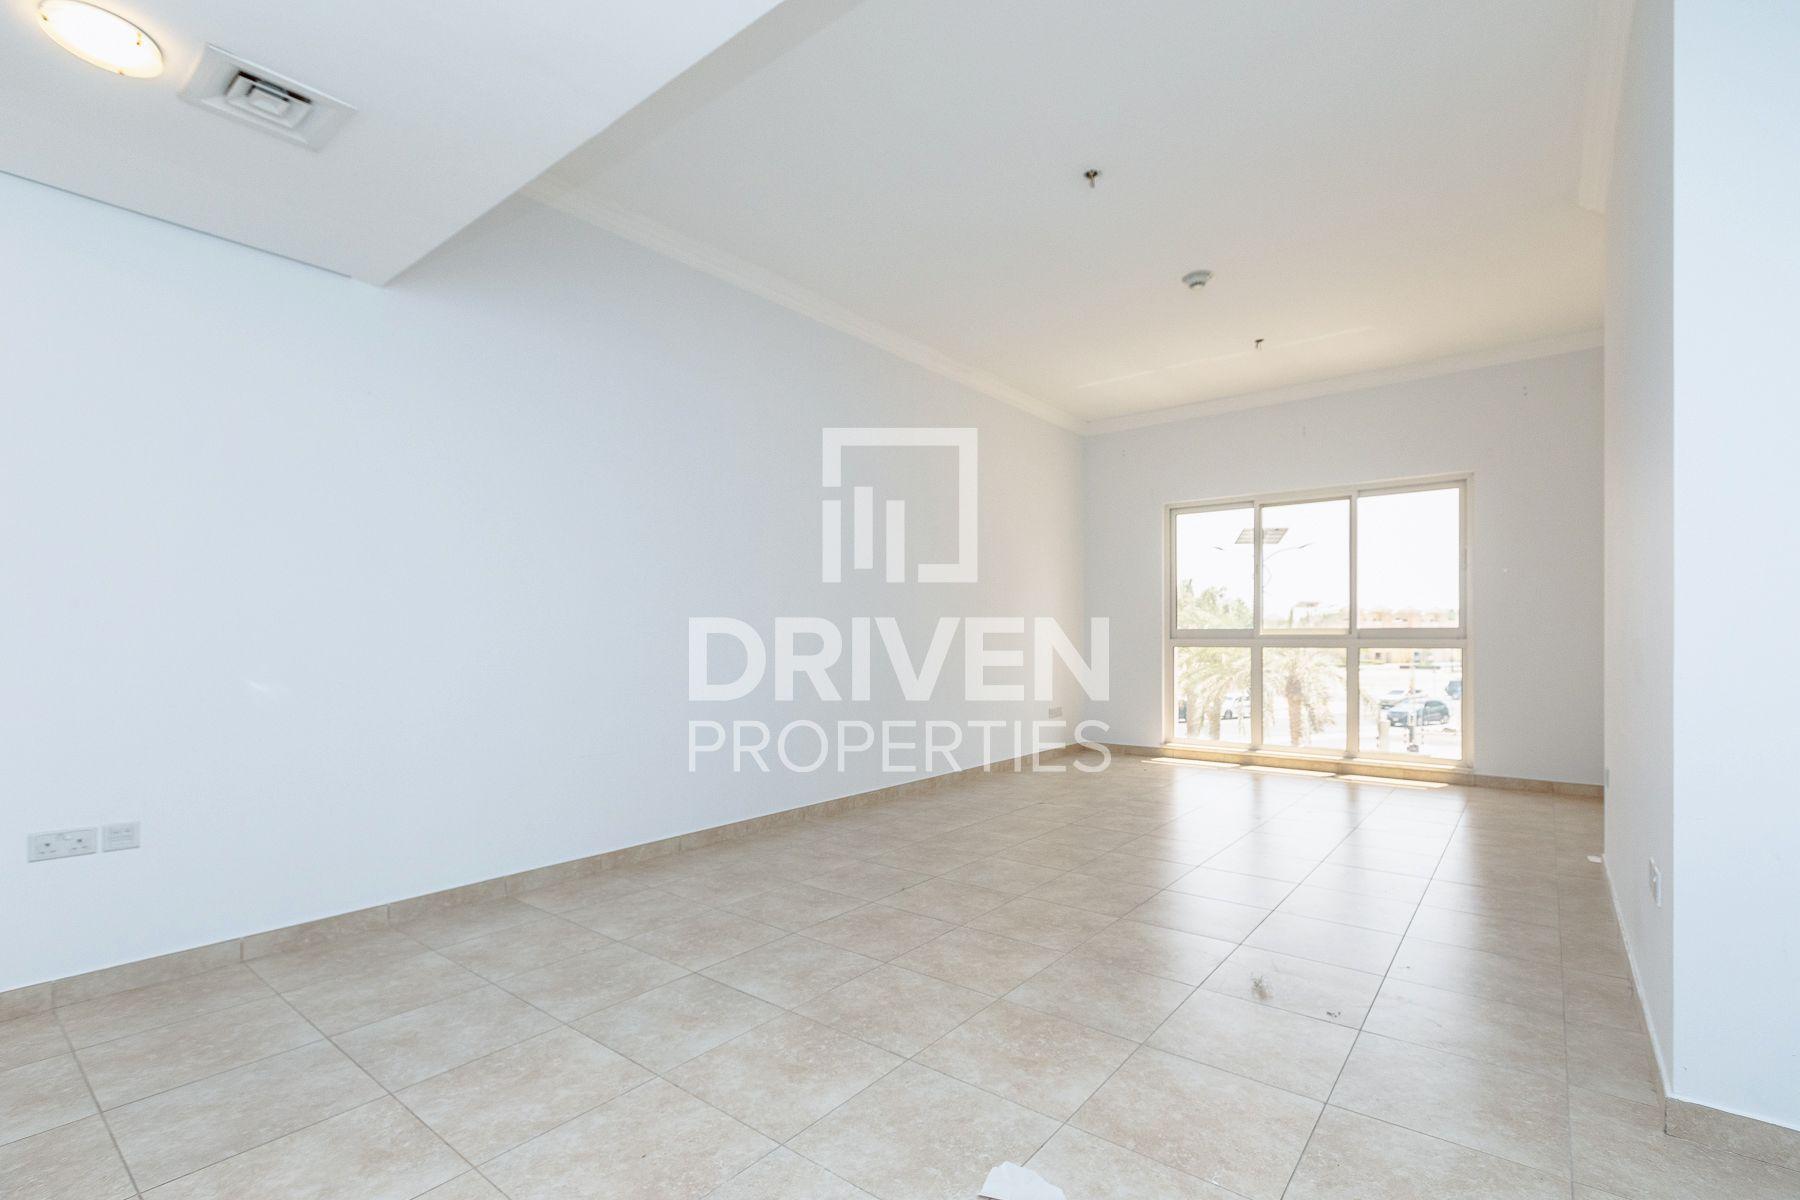 773 قدم مربع  ستوديو - للايجار - مدينة دبي الرياضية